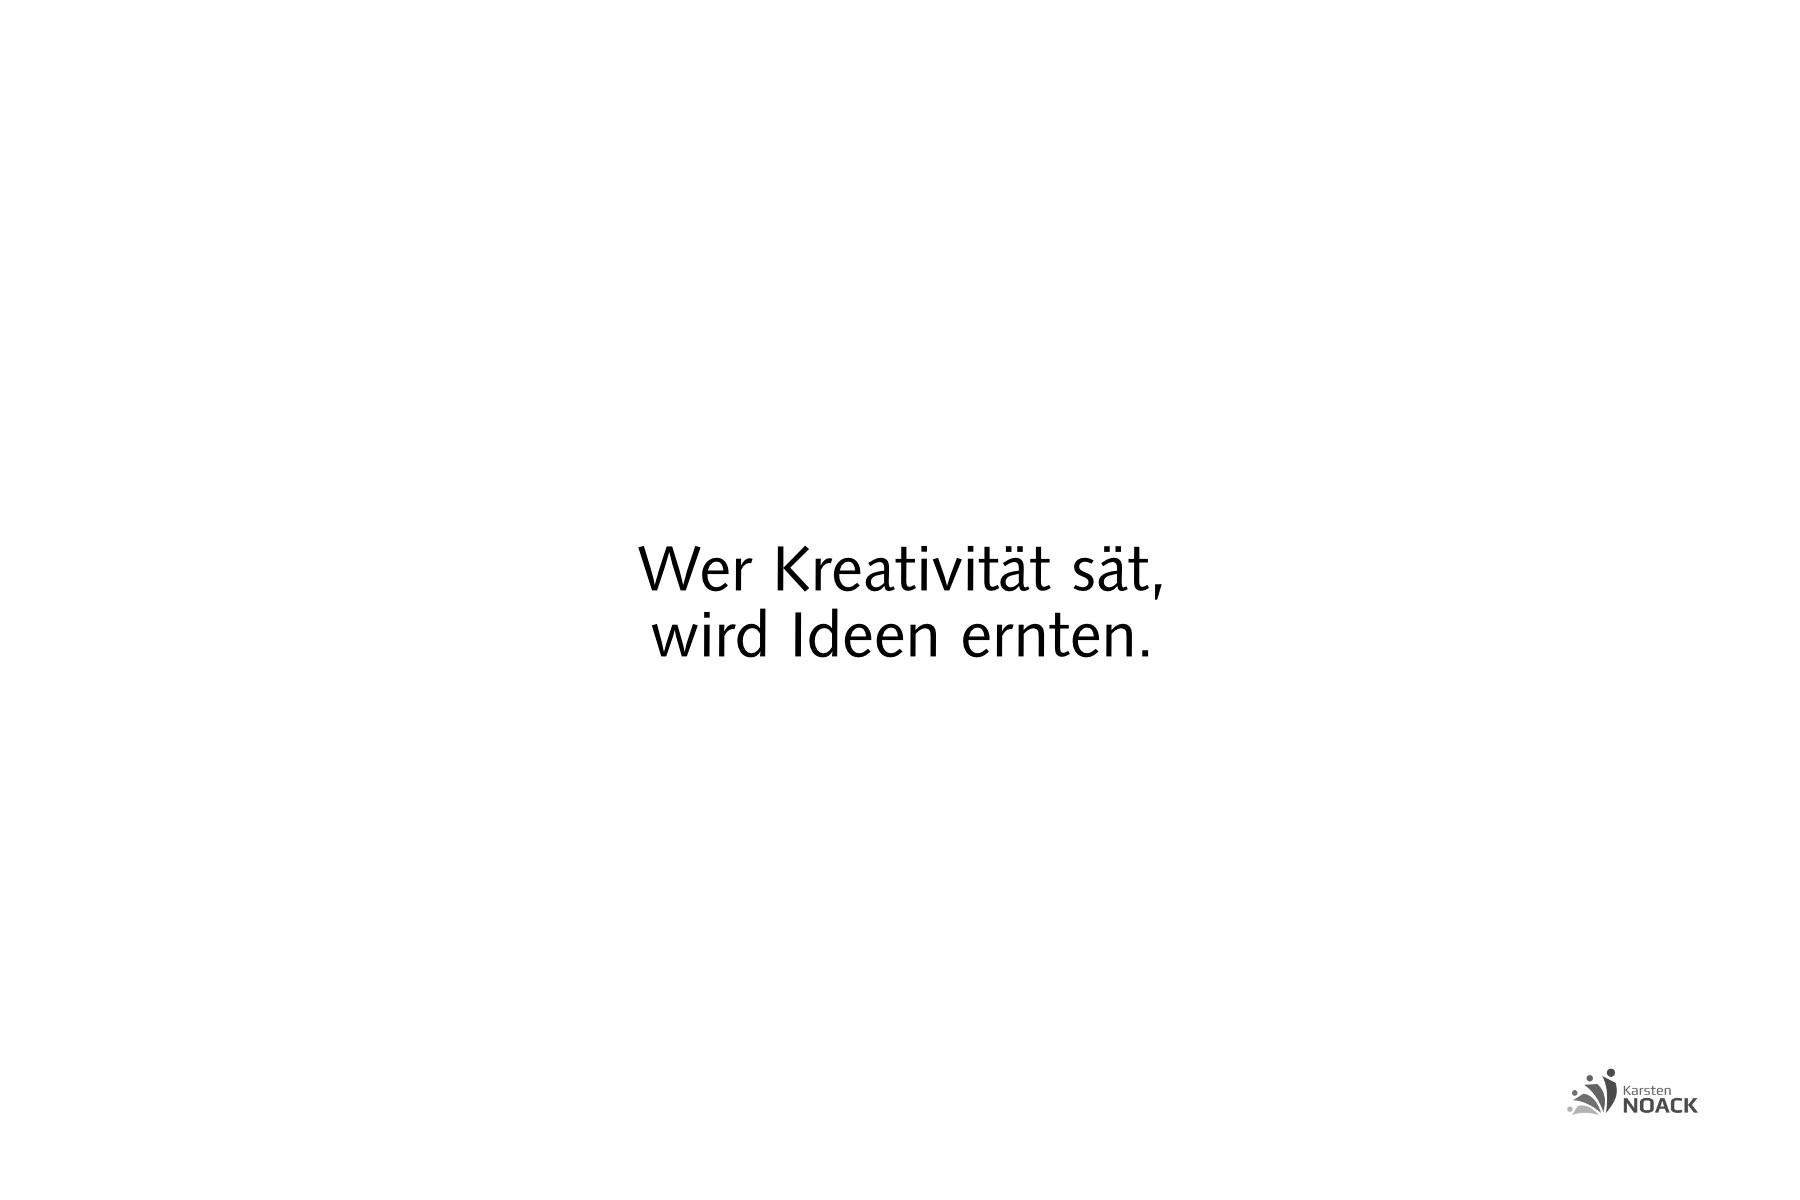 Wer Kreativität sät, wird Ideen ernten.